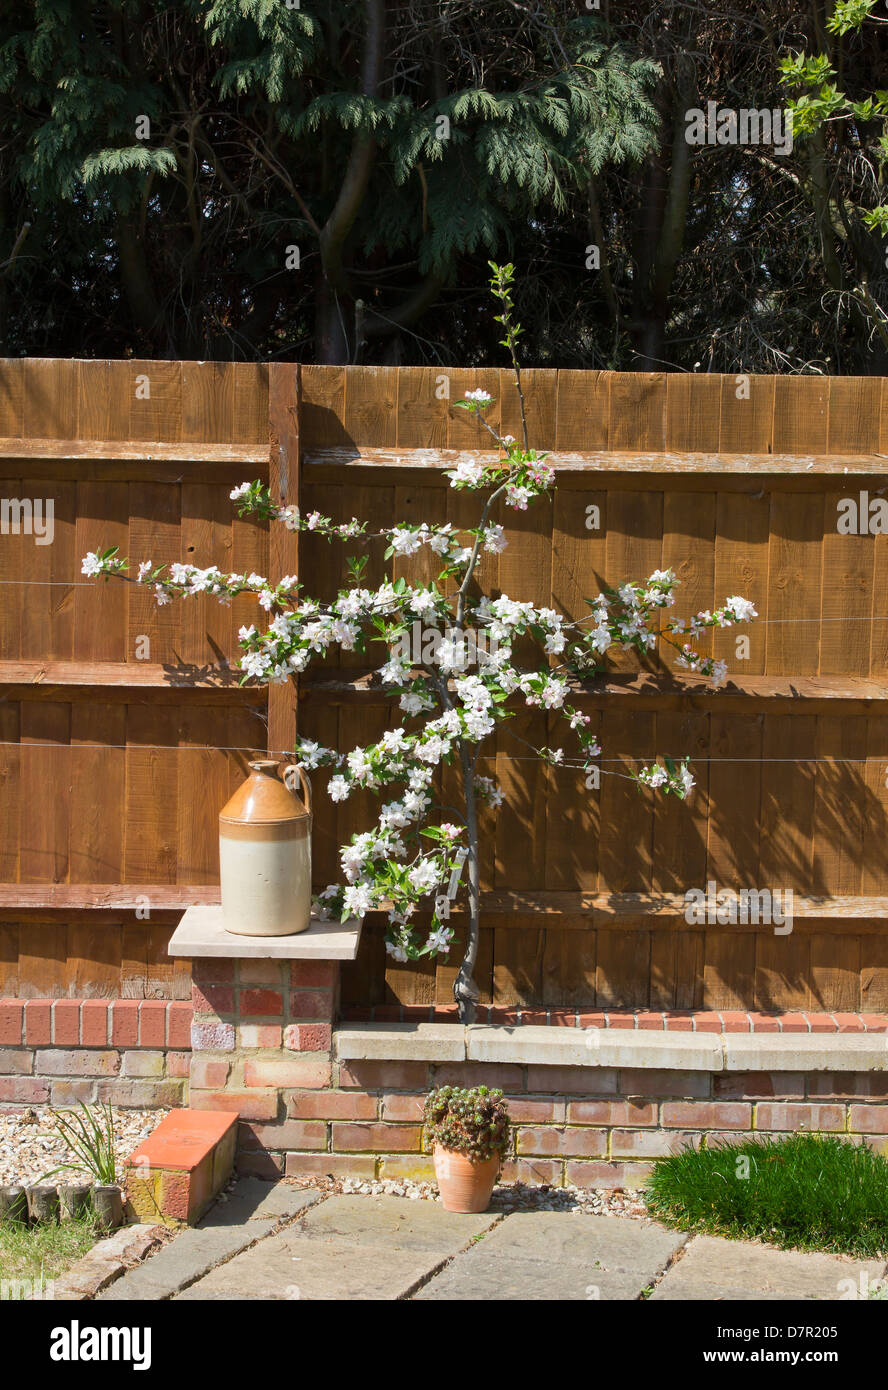 Upright Fence Stockfotos & Upright Fence Bilder Alamy